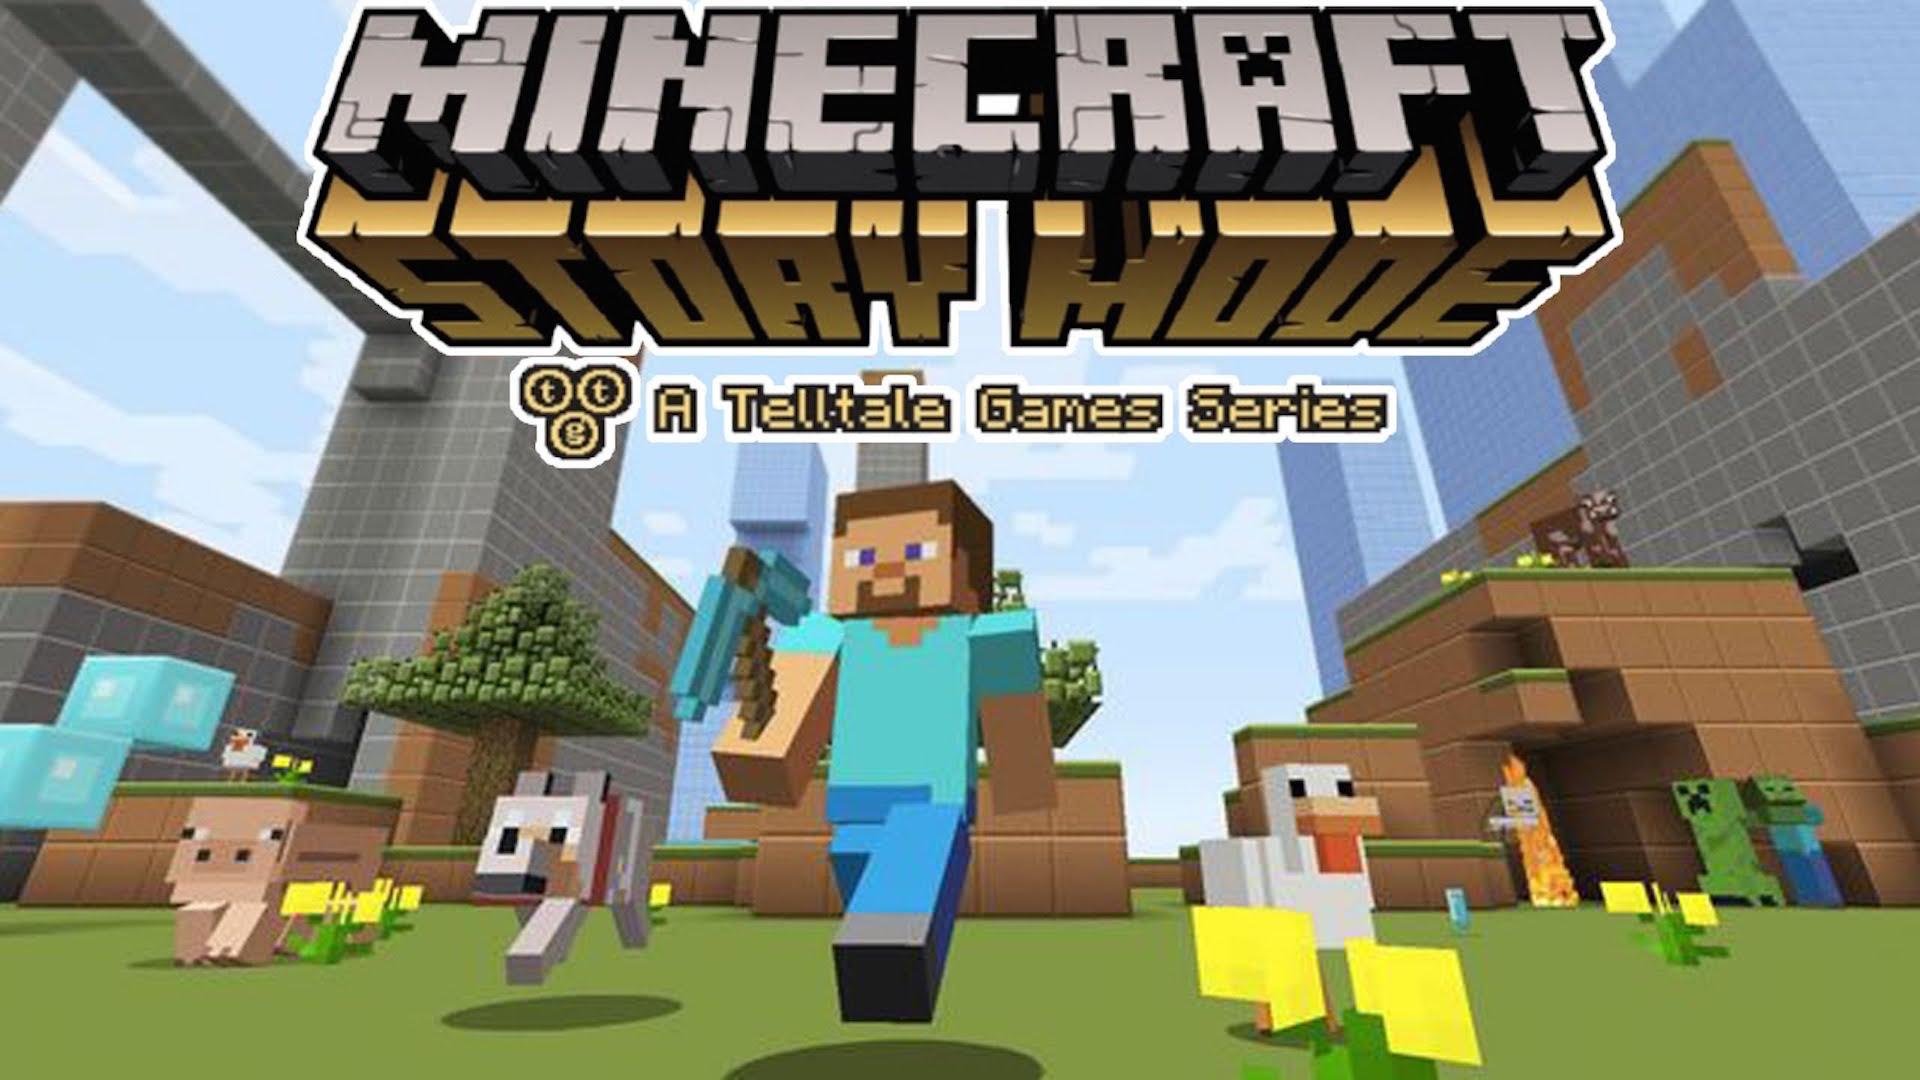 MinecraftKosten Der Preis Ist Heiß GIGA - Minecraft spiele fur handy